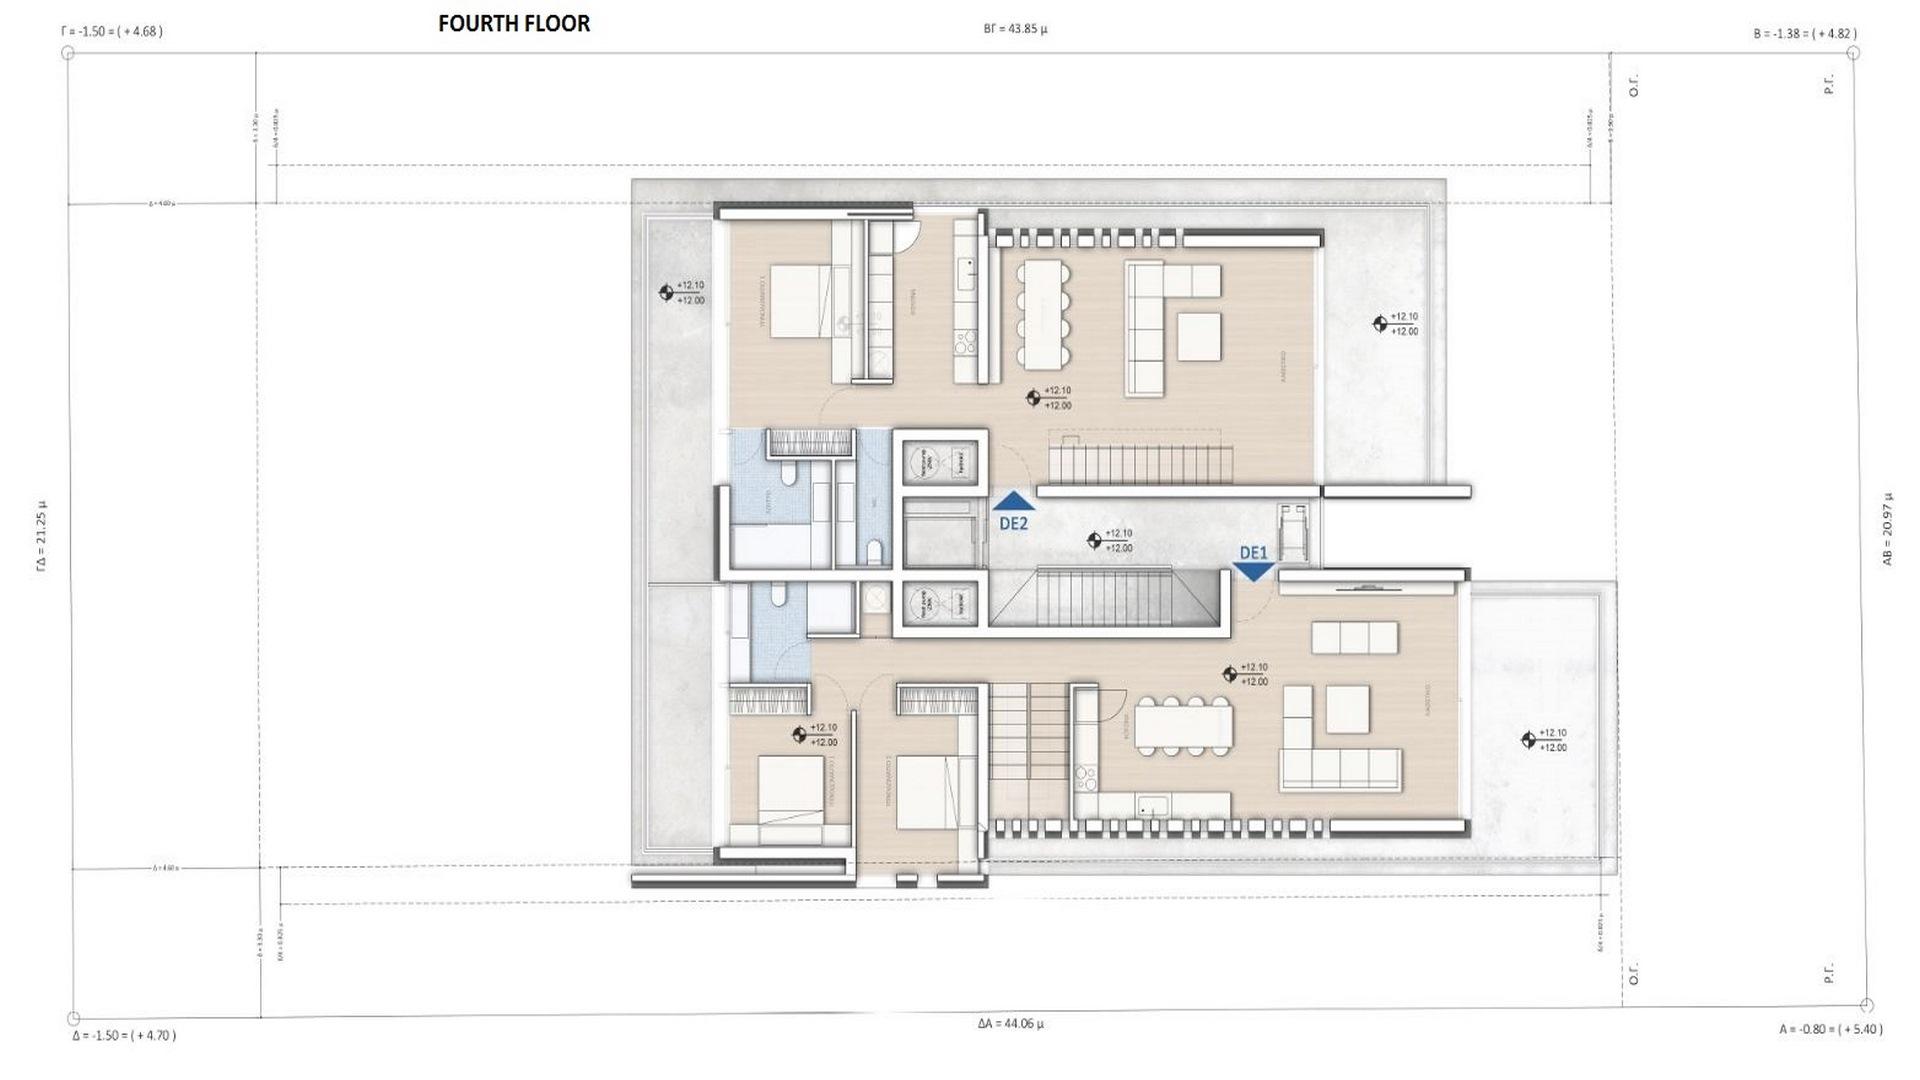 Fourth floor (Αντιγραφή)